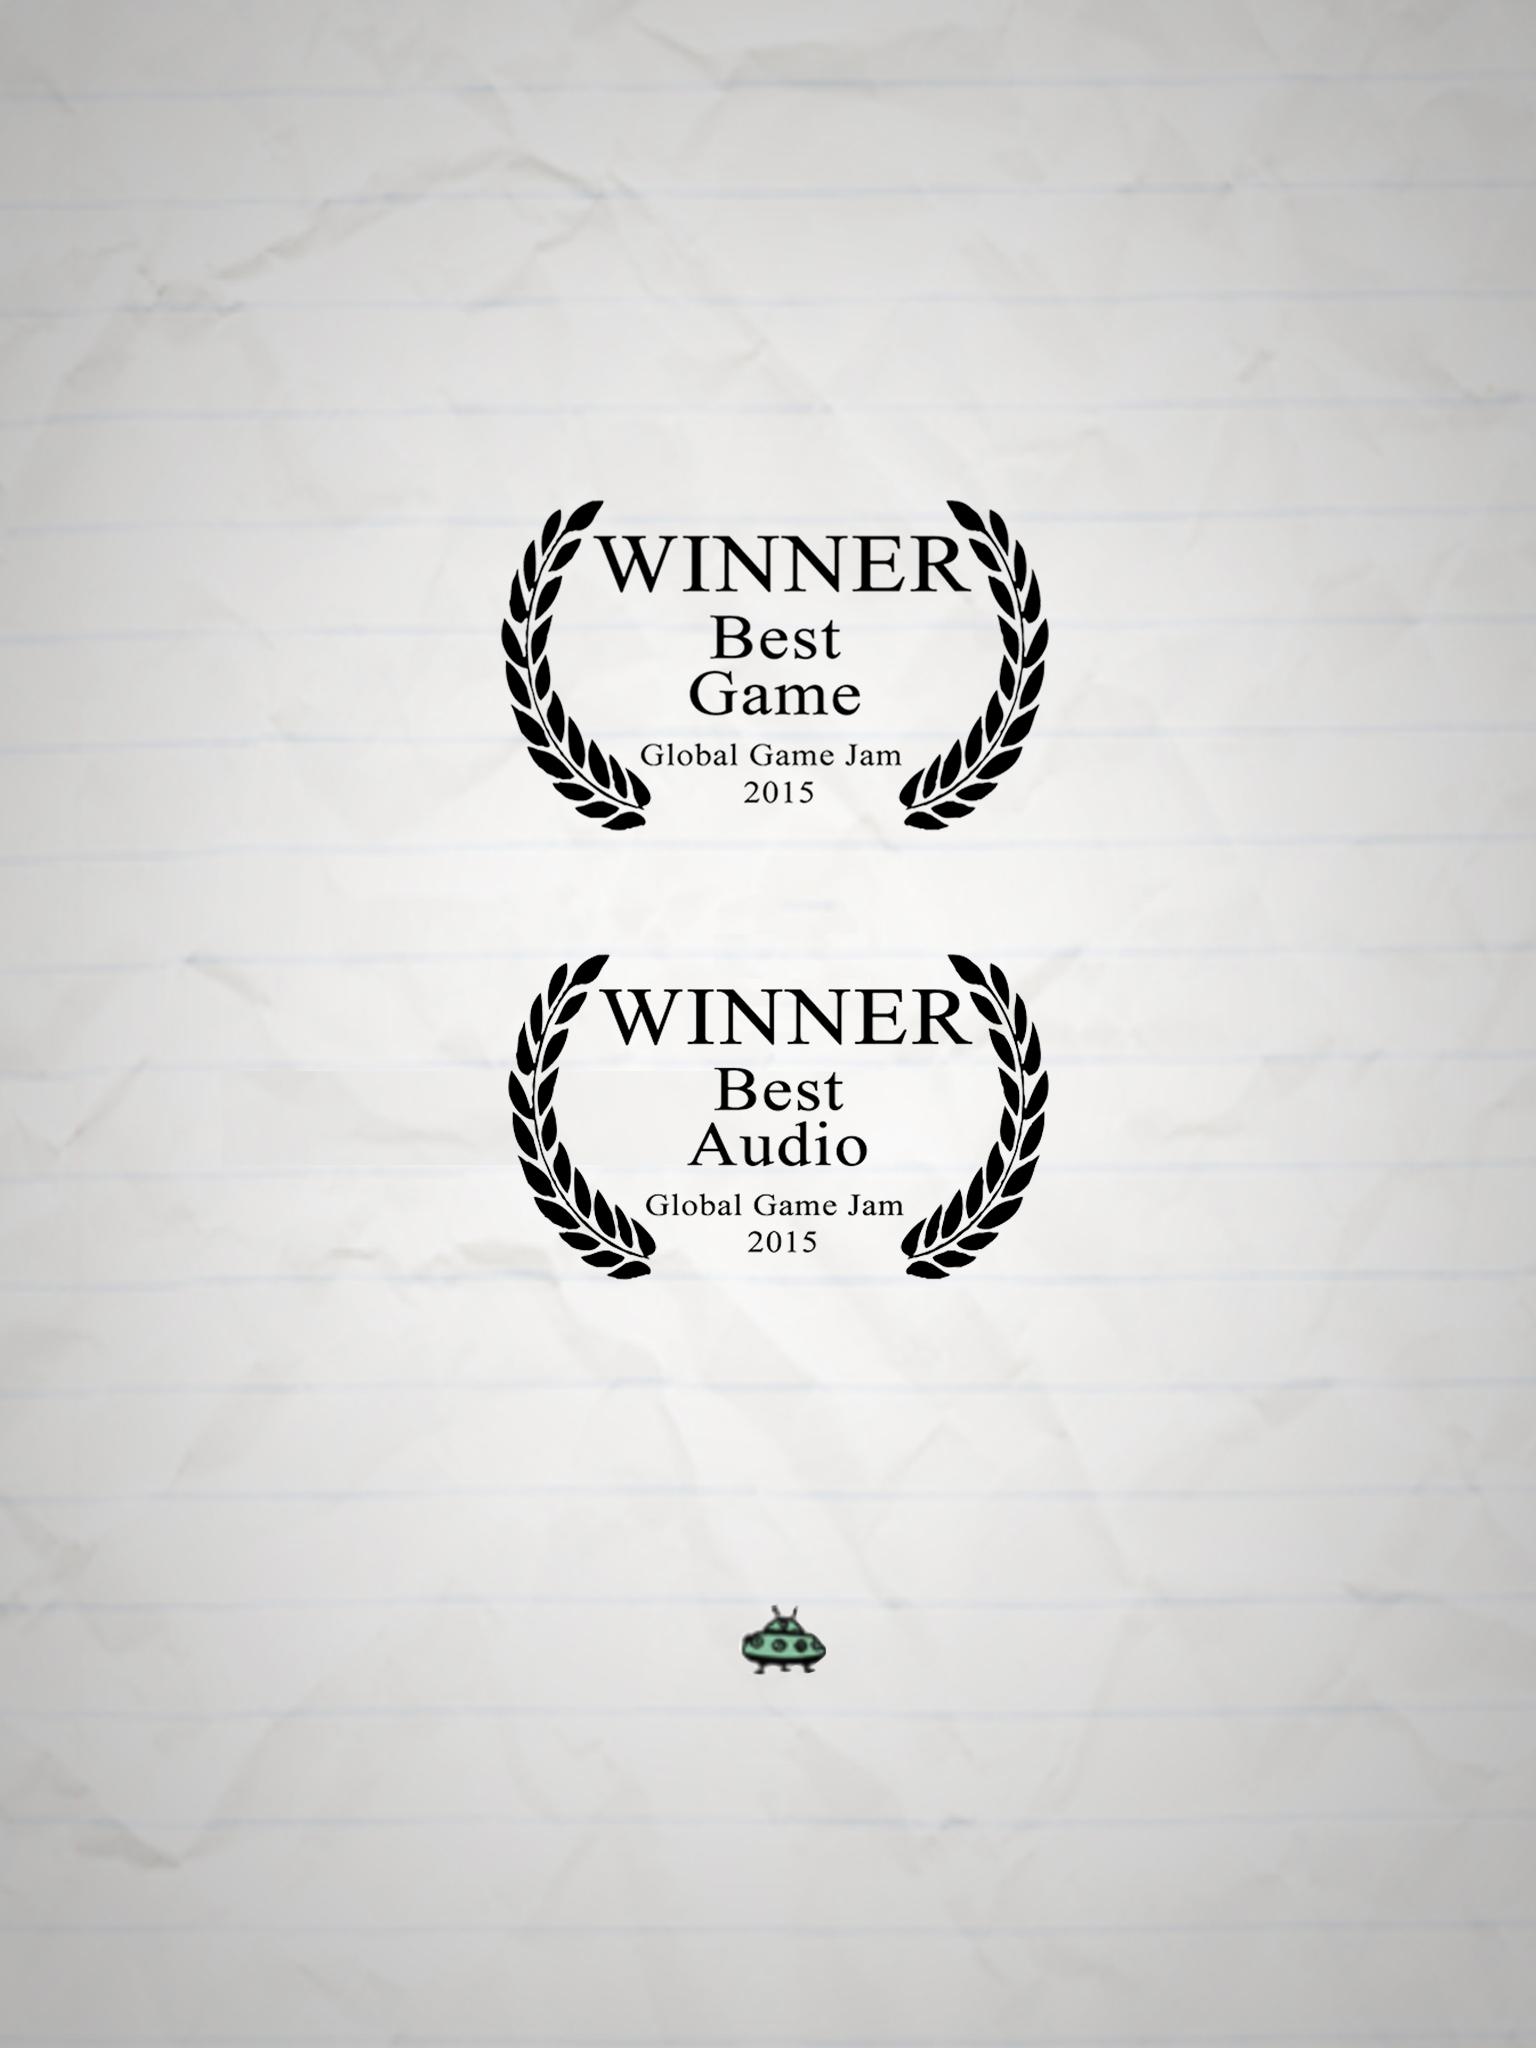 No Humanity - Best Game & Music Winner